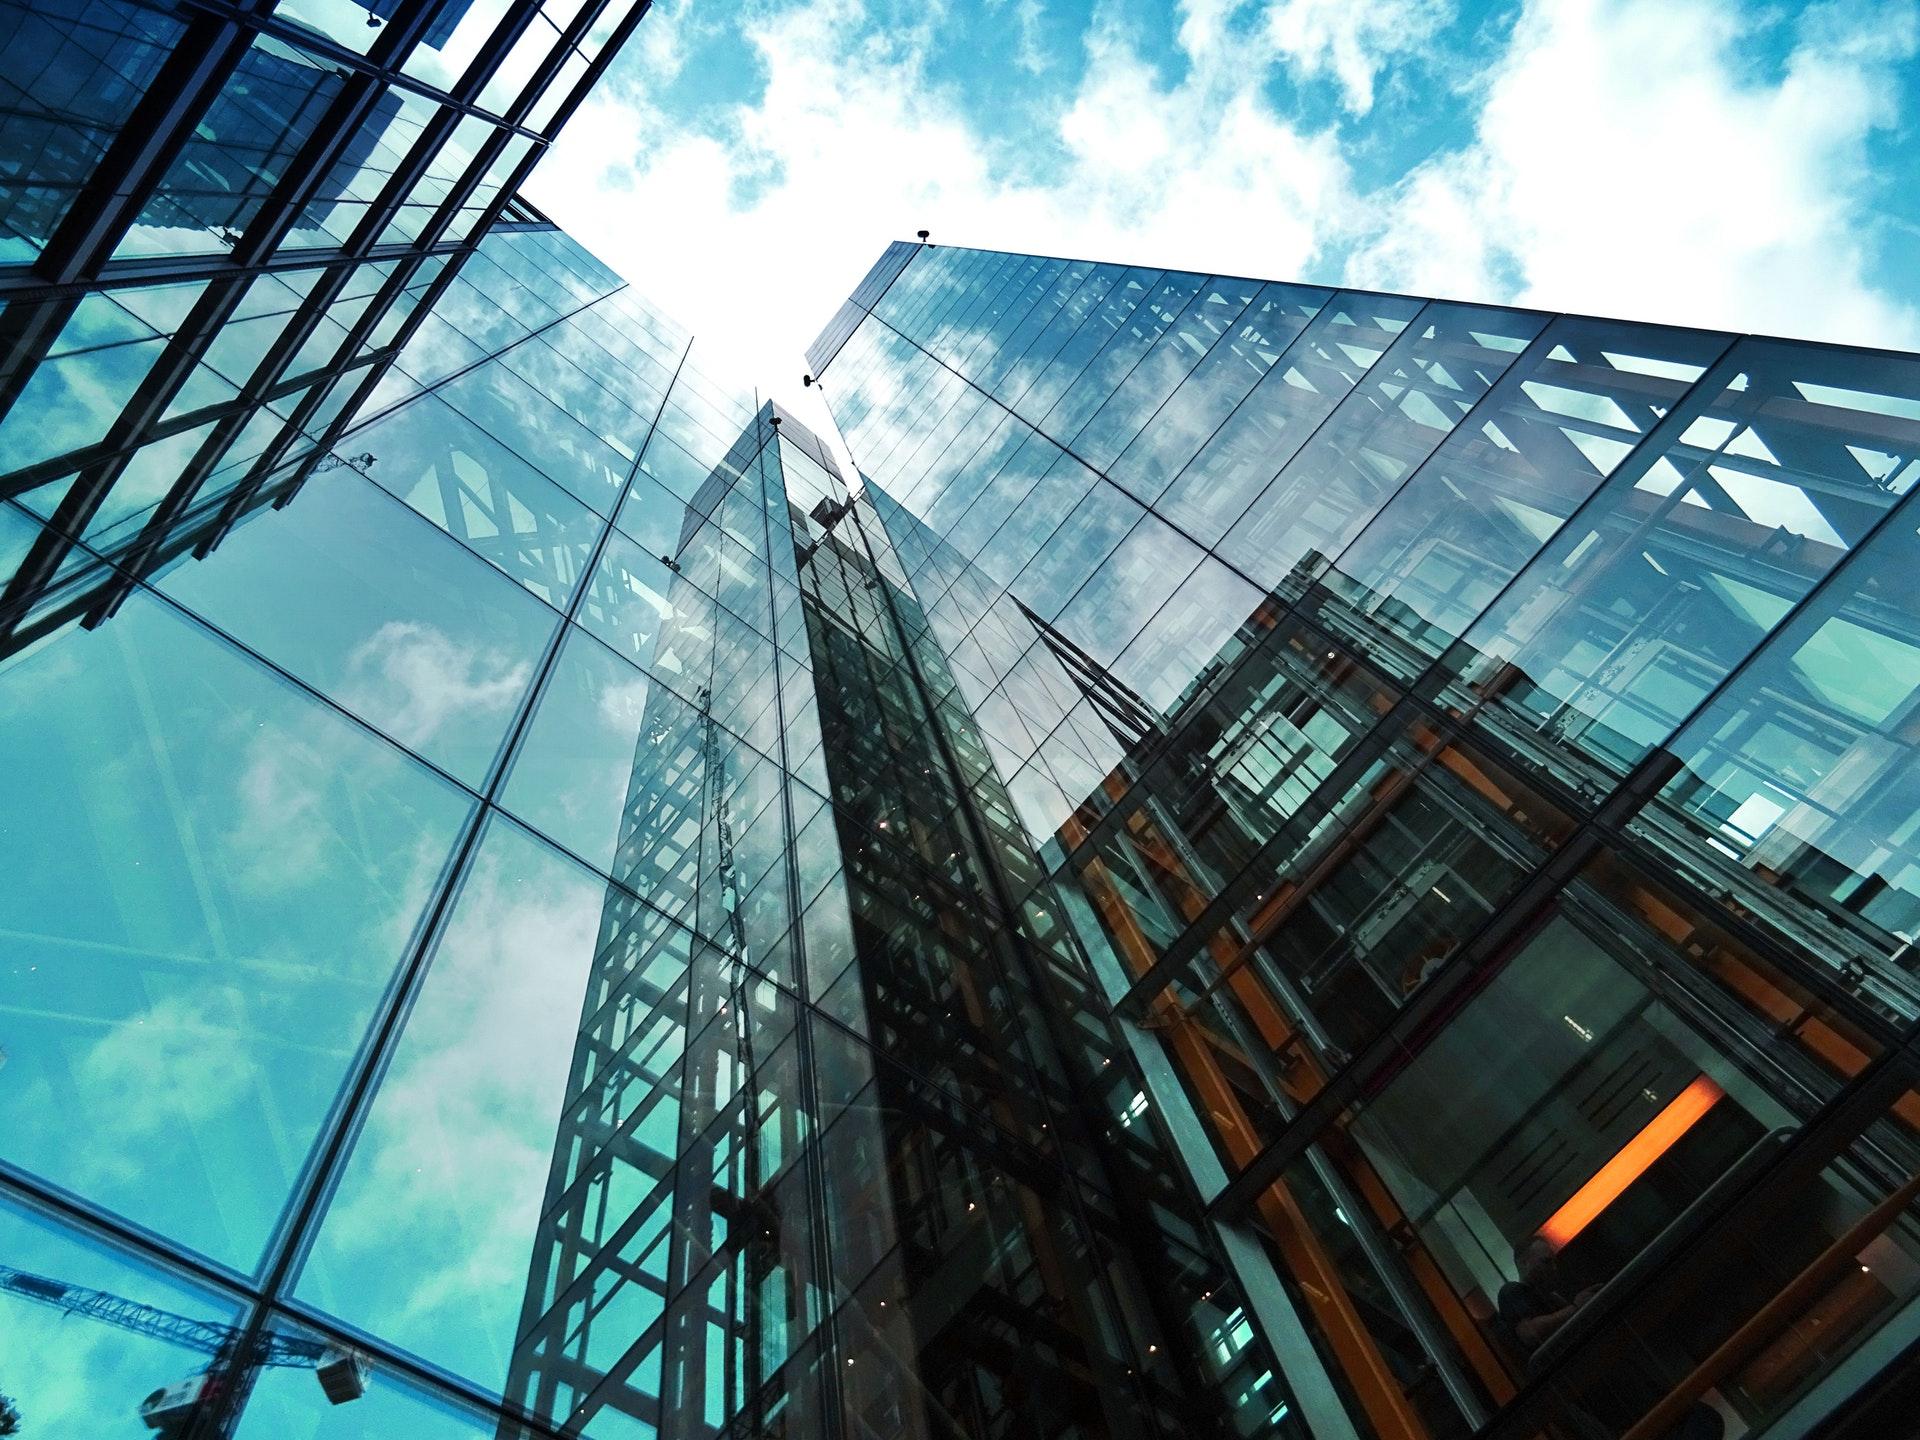 Yrityssaneerauksesta apua yrityksen taloudellisiin vaikeuksiin?